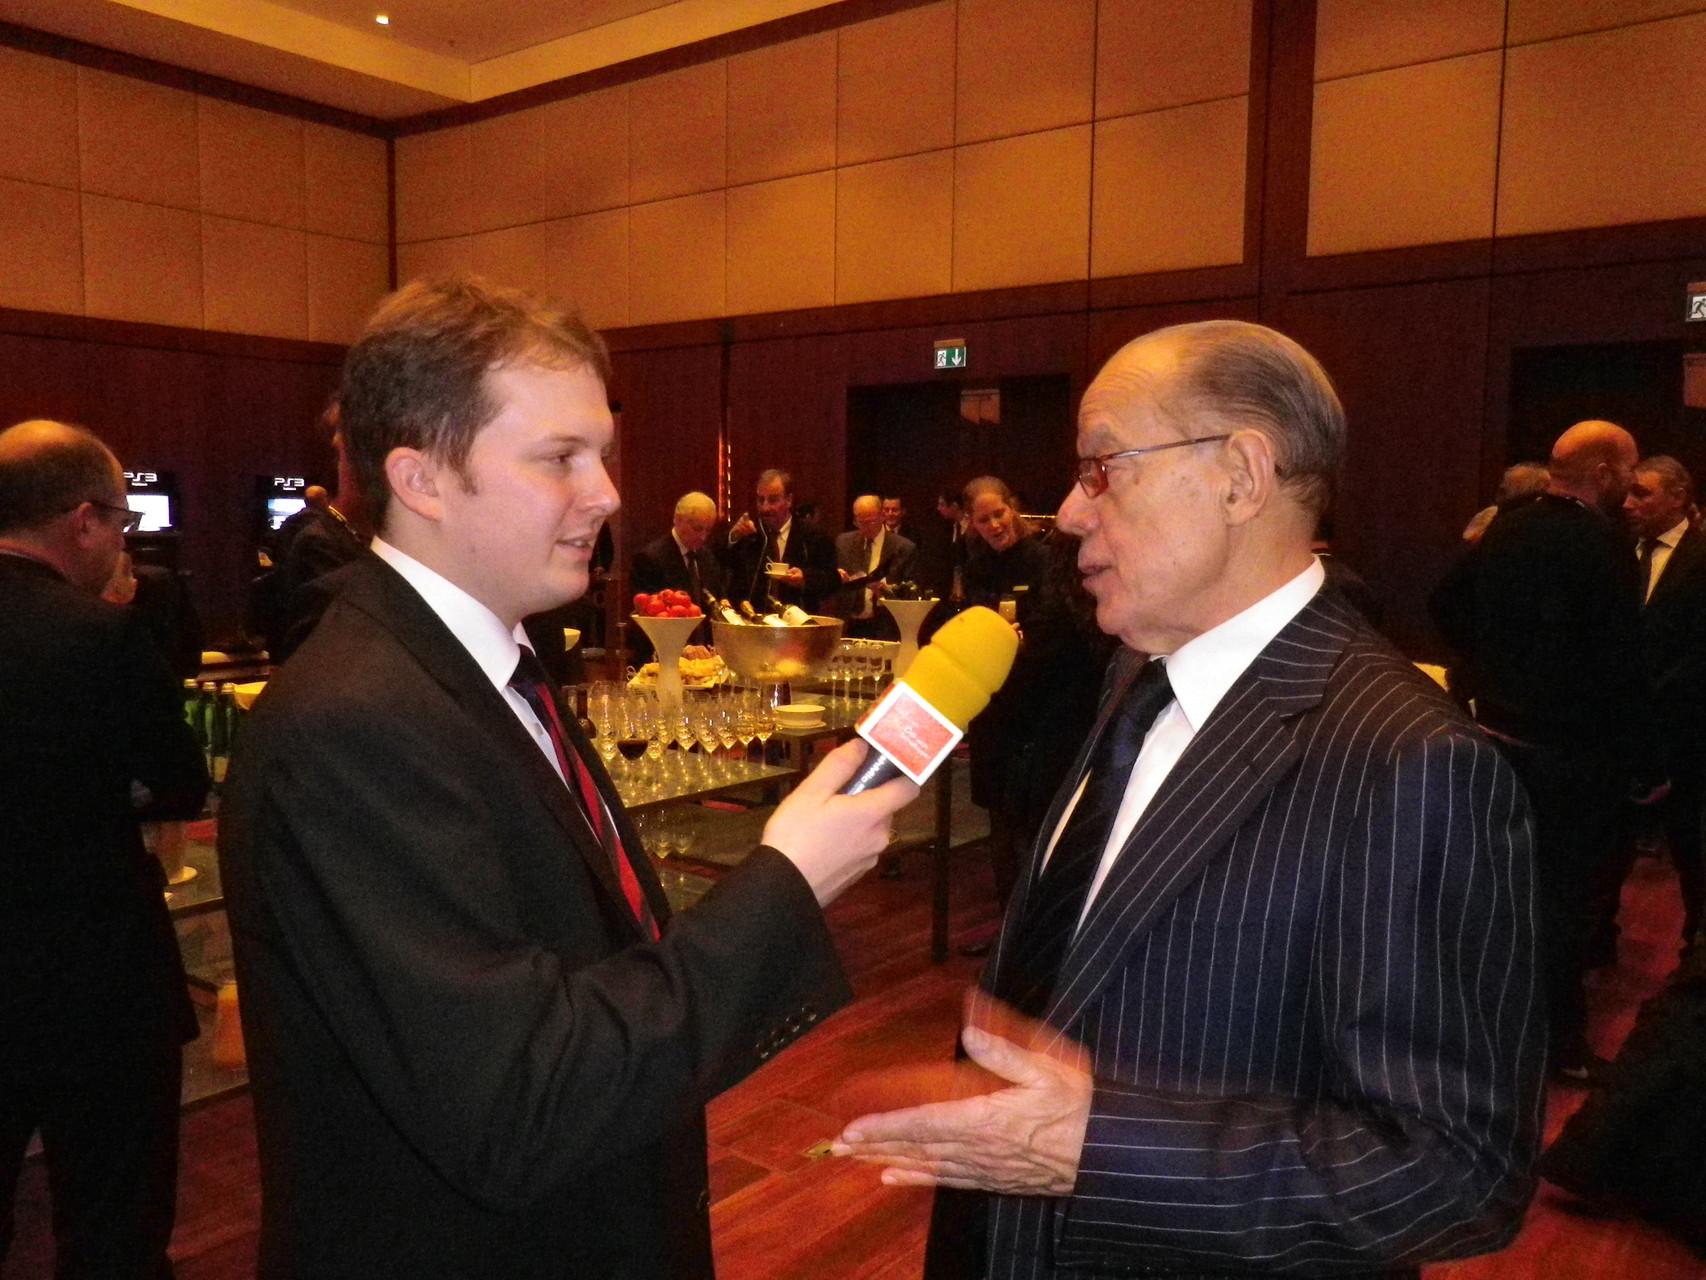 Interview mit dem ersten Luis Suarez, Ex-Barça und Inter-Star, Balon d'Or 1960